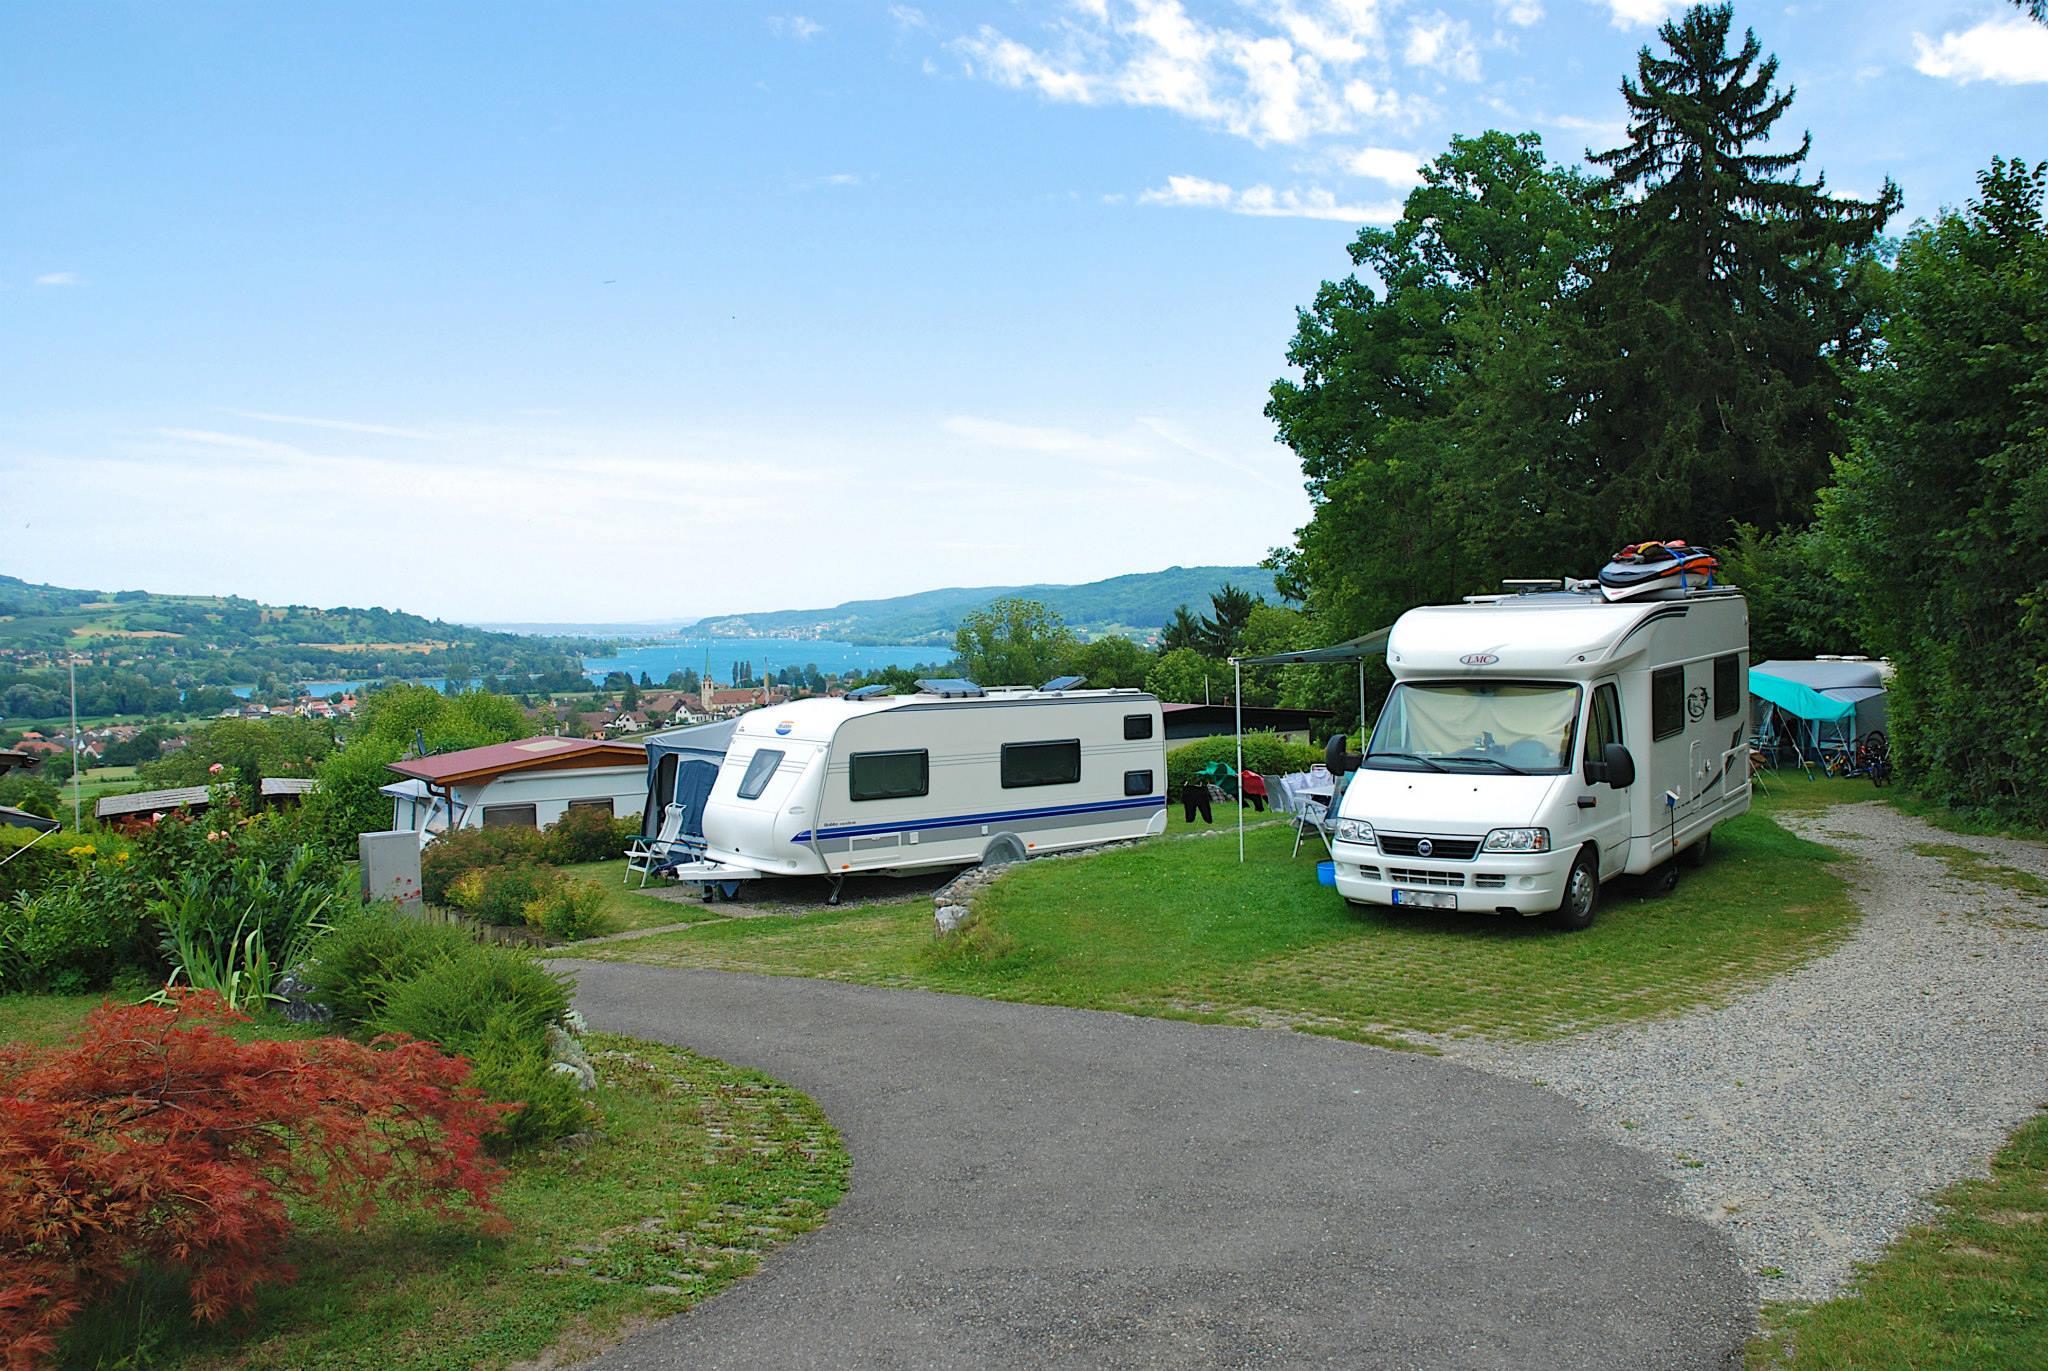 Erholung im Thurgau auf dem Campingplatz Hüttenberg